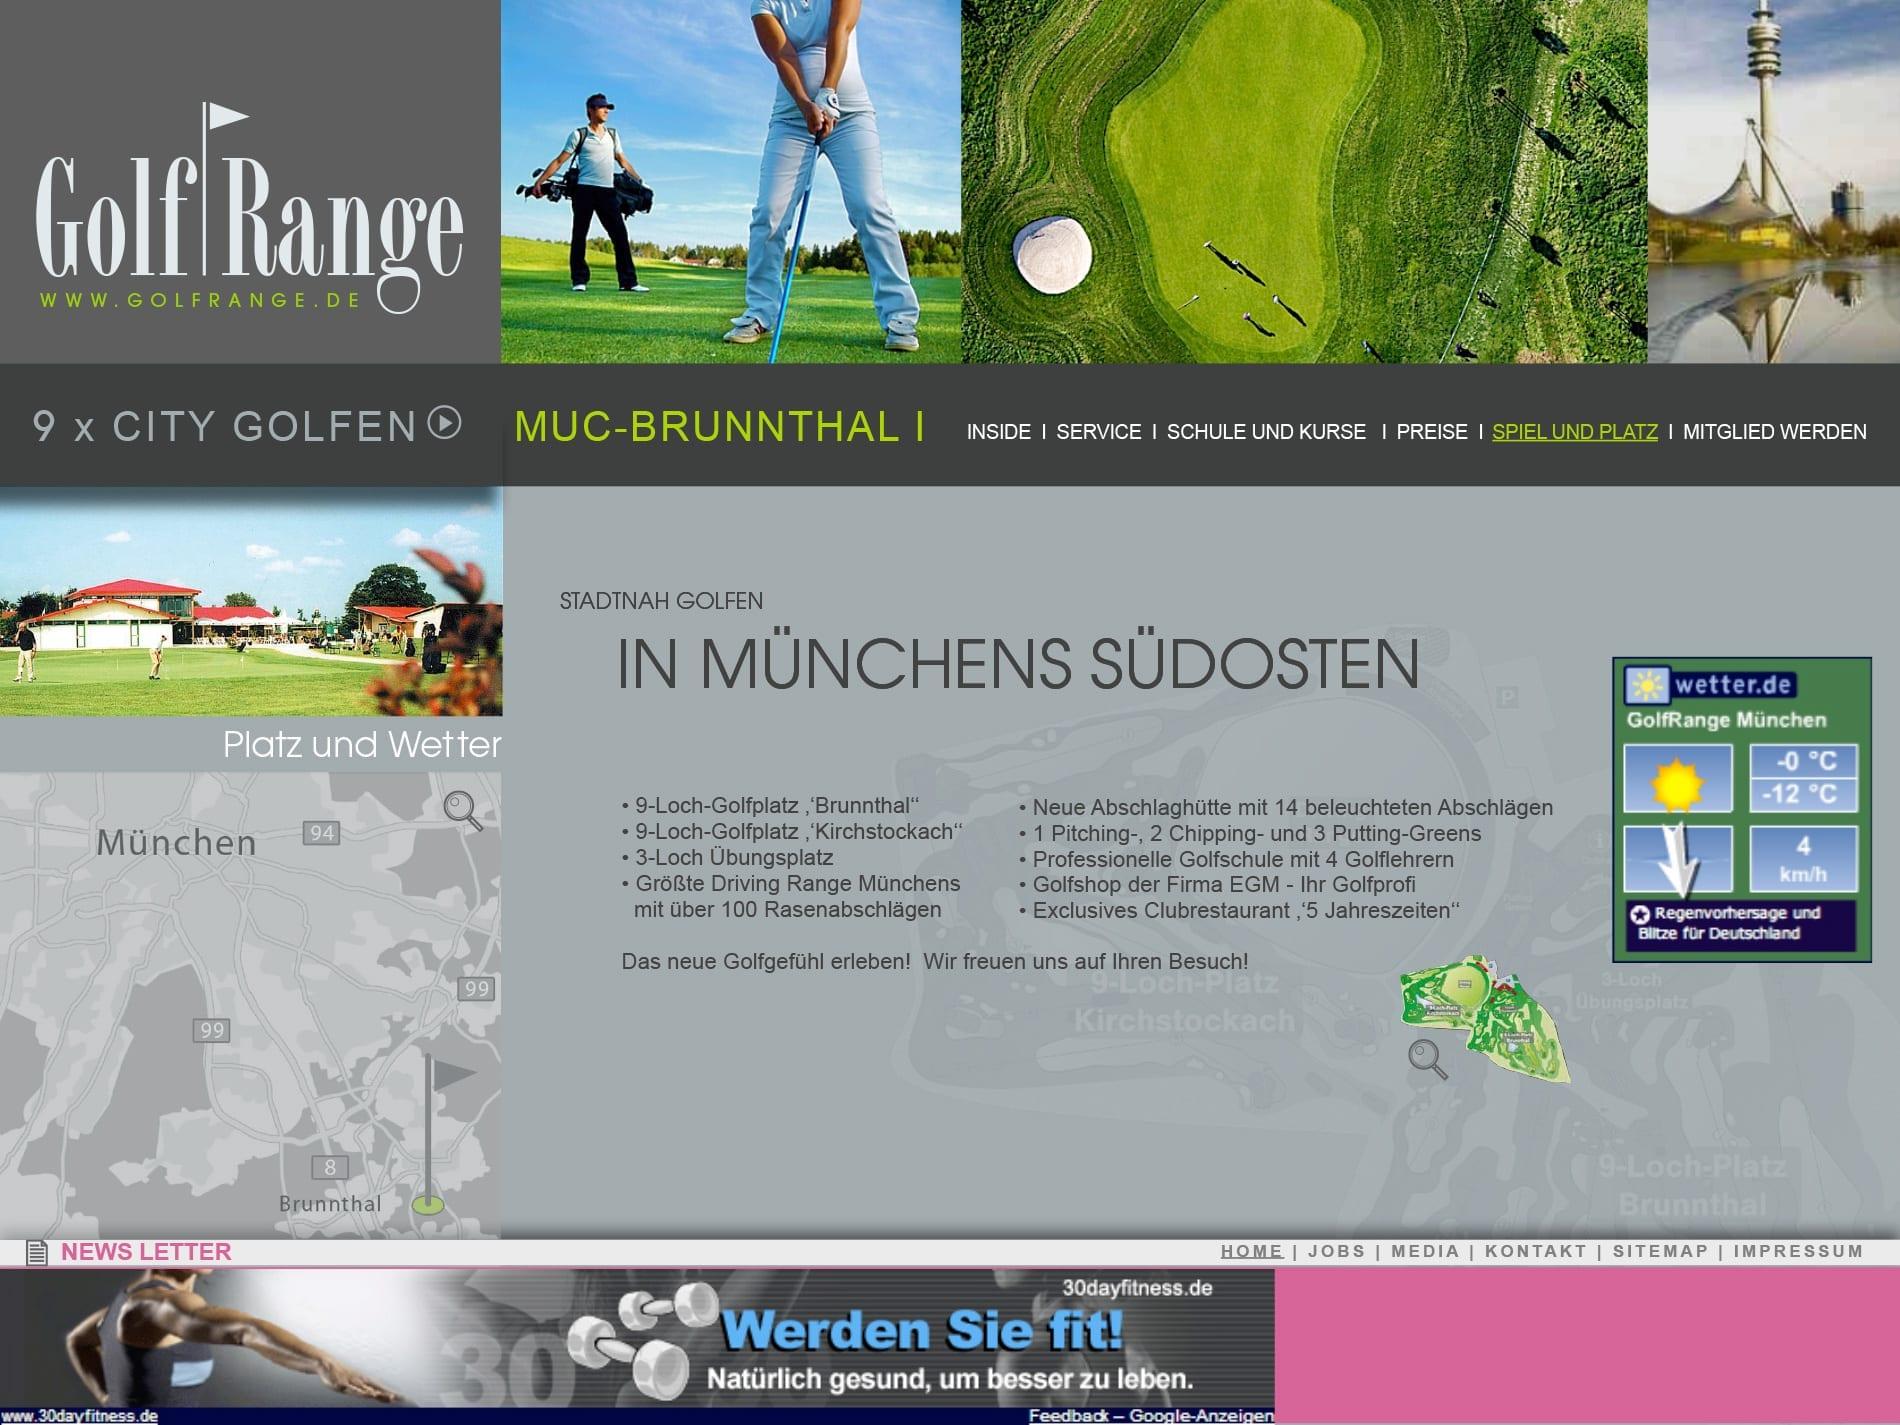 GolfRange, Golfclub, Golf, Sport